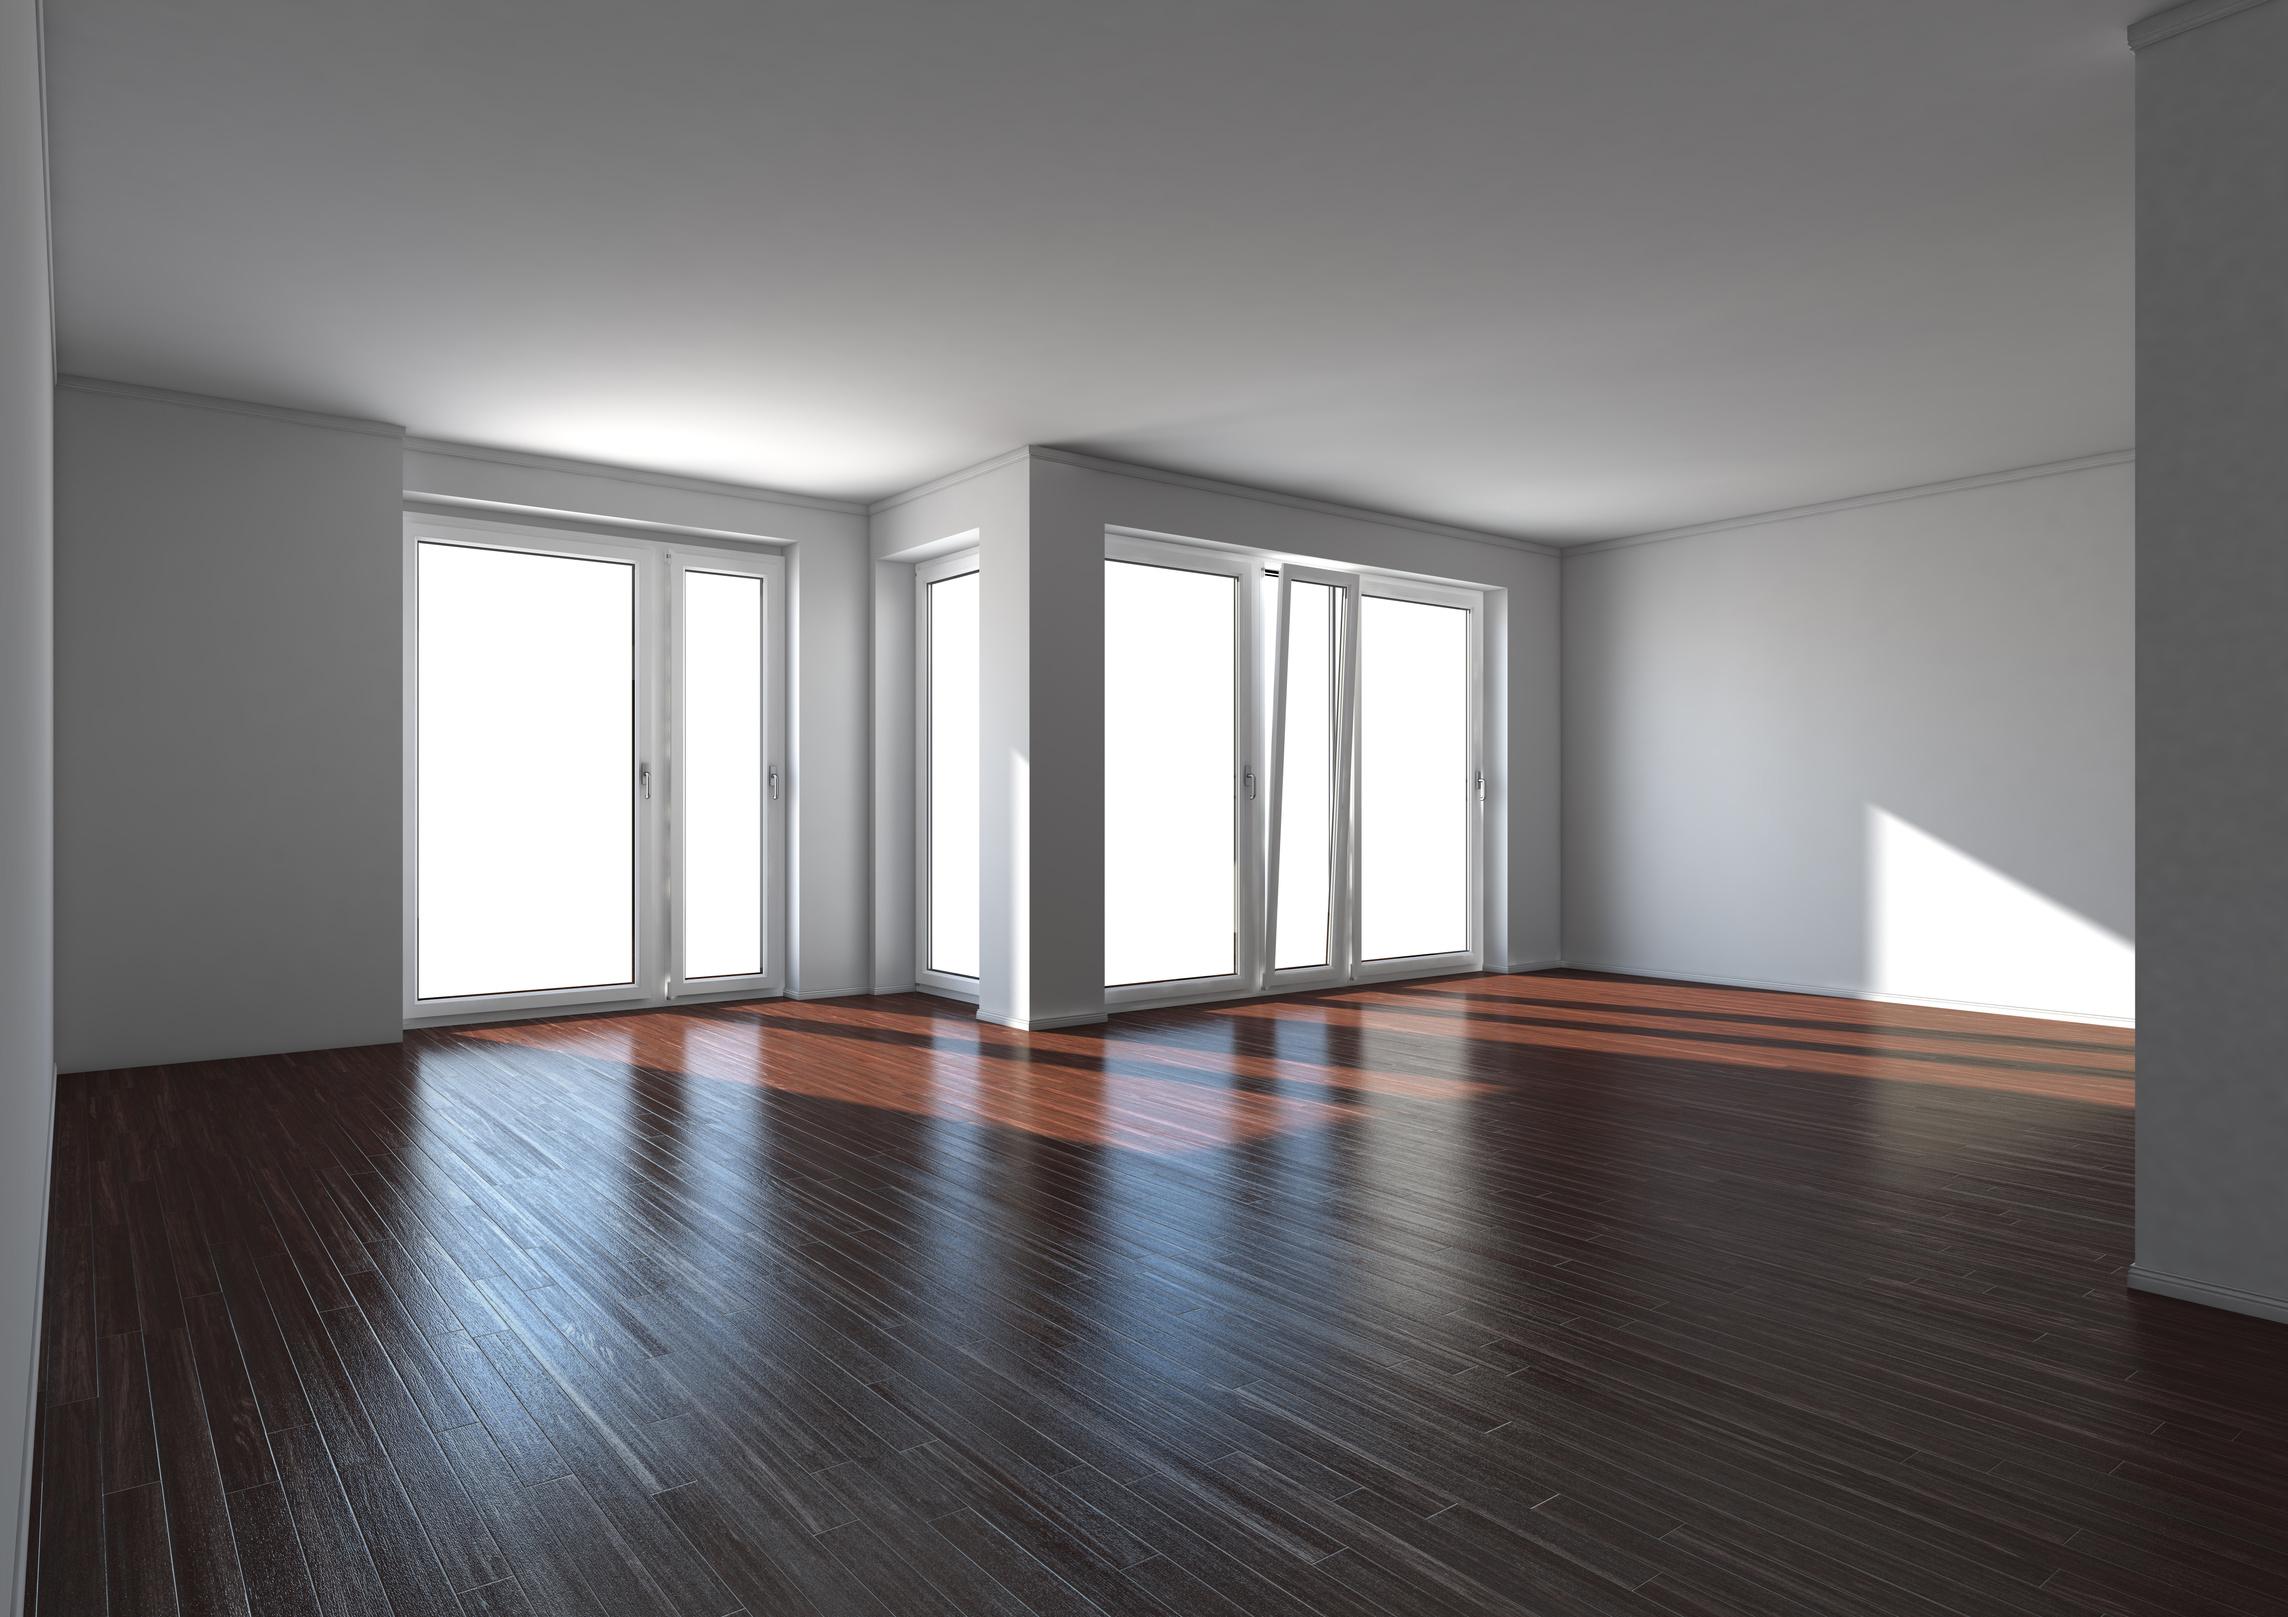 la toile de verre de nombreuses qualit s pour masquer les d fauts maisoning. Black Bedroom Furniture Sets. Home Design Ideas